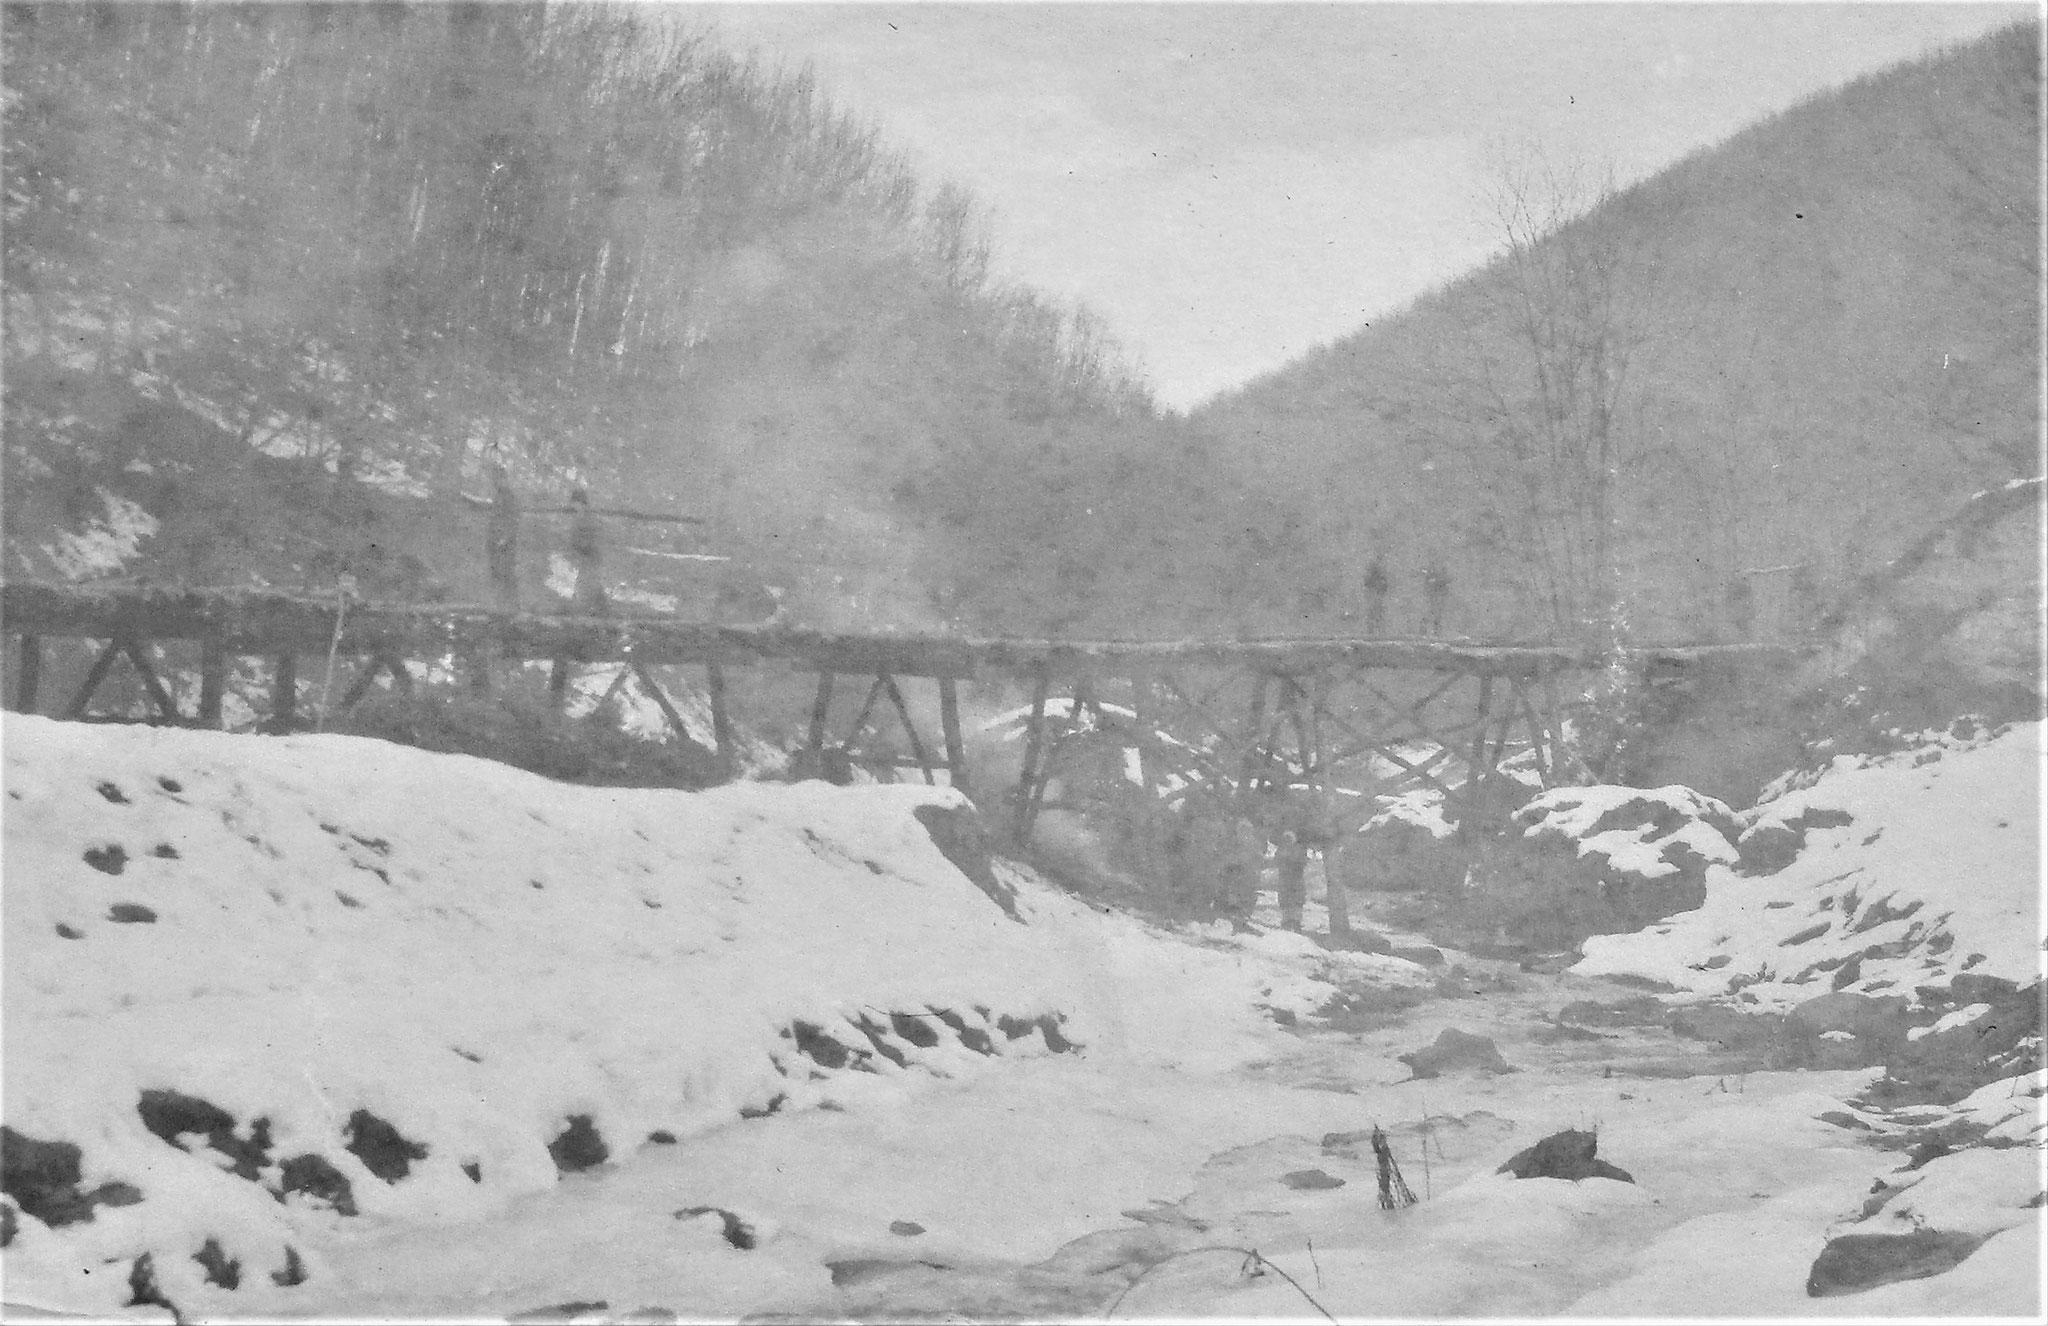 Die größte der vom Pionierzug D.5 gebauten Brücken über den Legbach im Bau.